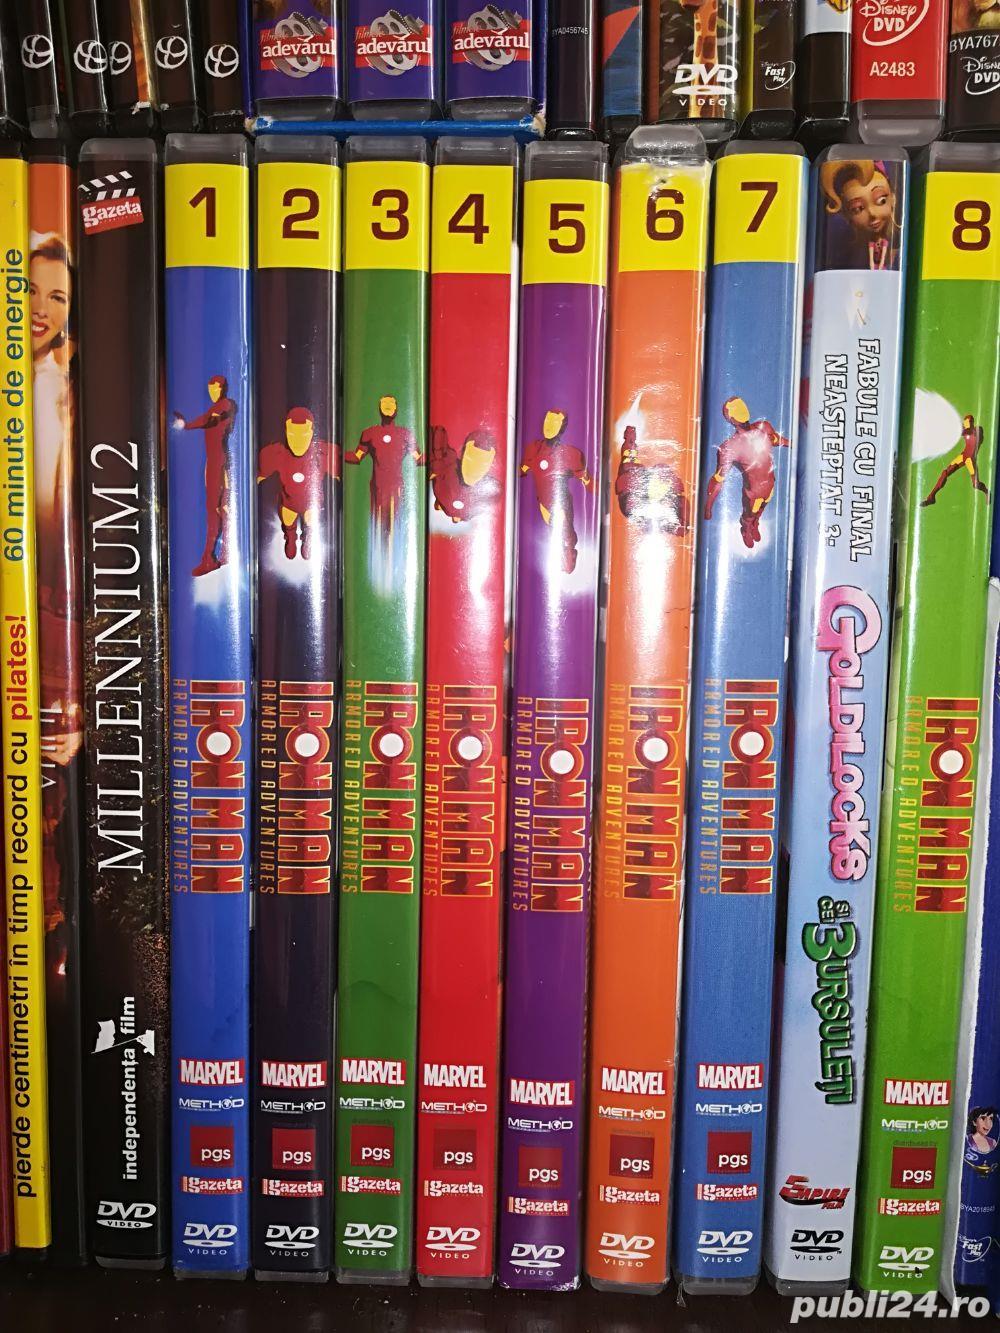 DVD-uri Iron Man dublate in romana